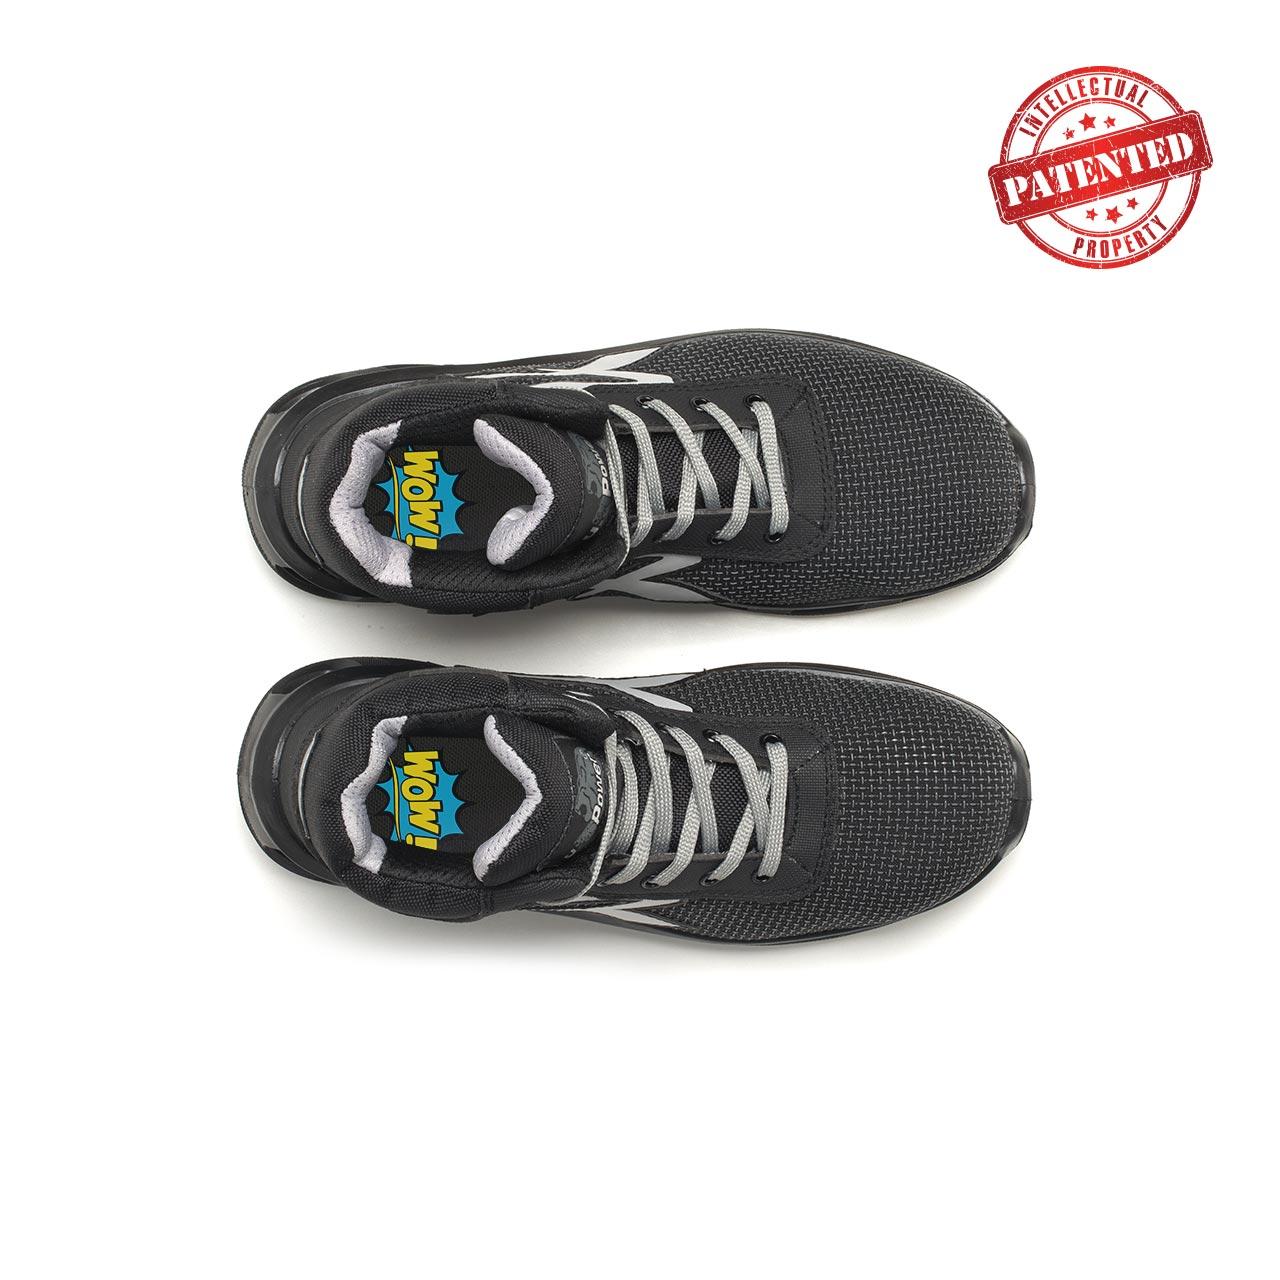 paio di scarpe antinfortunistiche alte upower modello stego linea redlion vista top